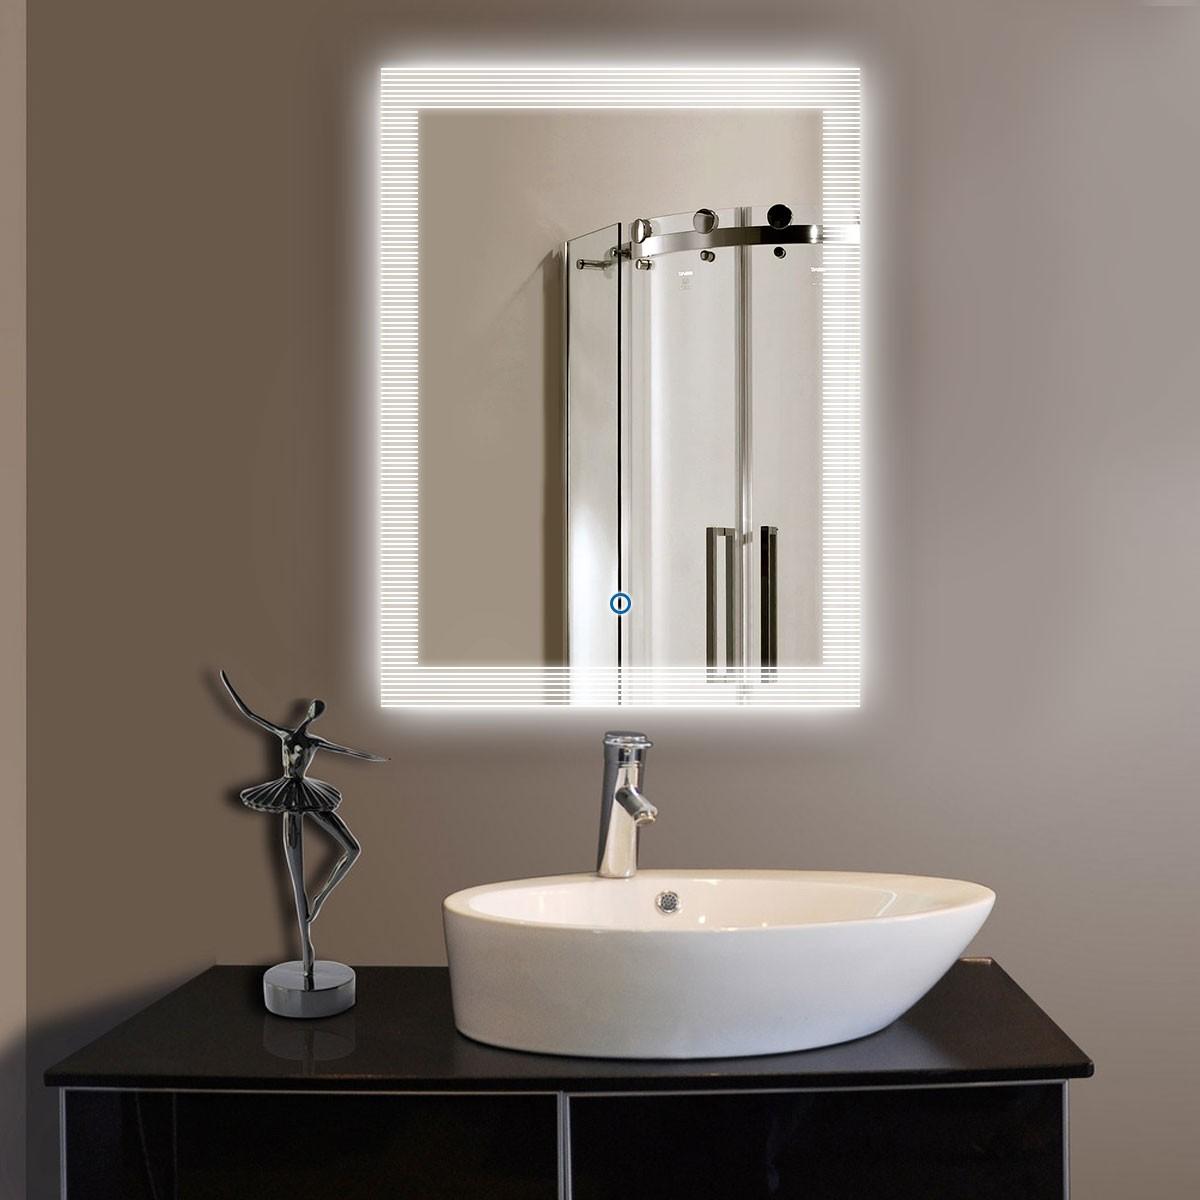 24 x 32 po Miroir de salle de bain LED vertical avec bouton tactile (DK-OD-N001)